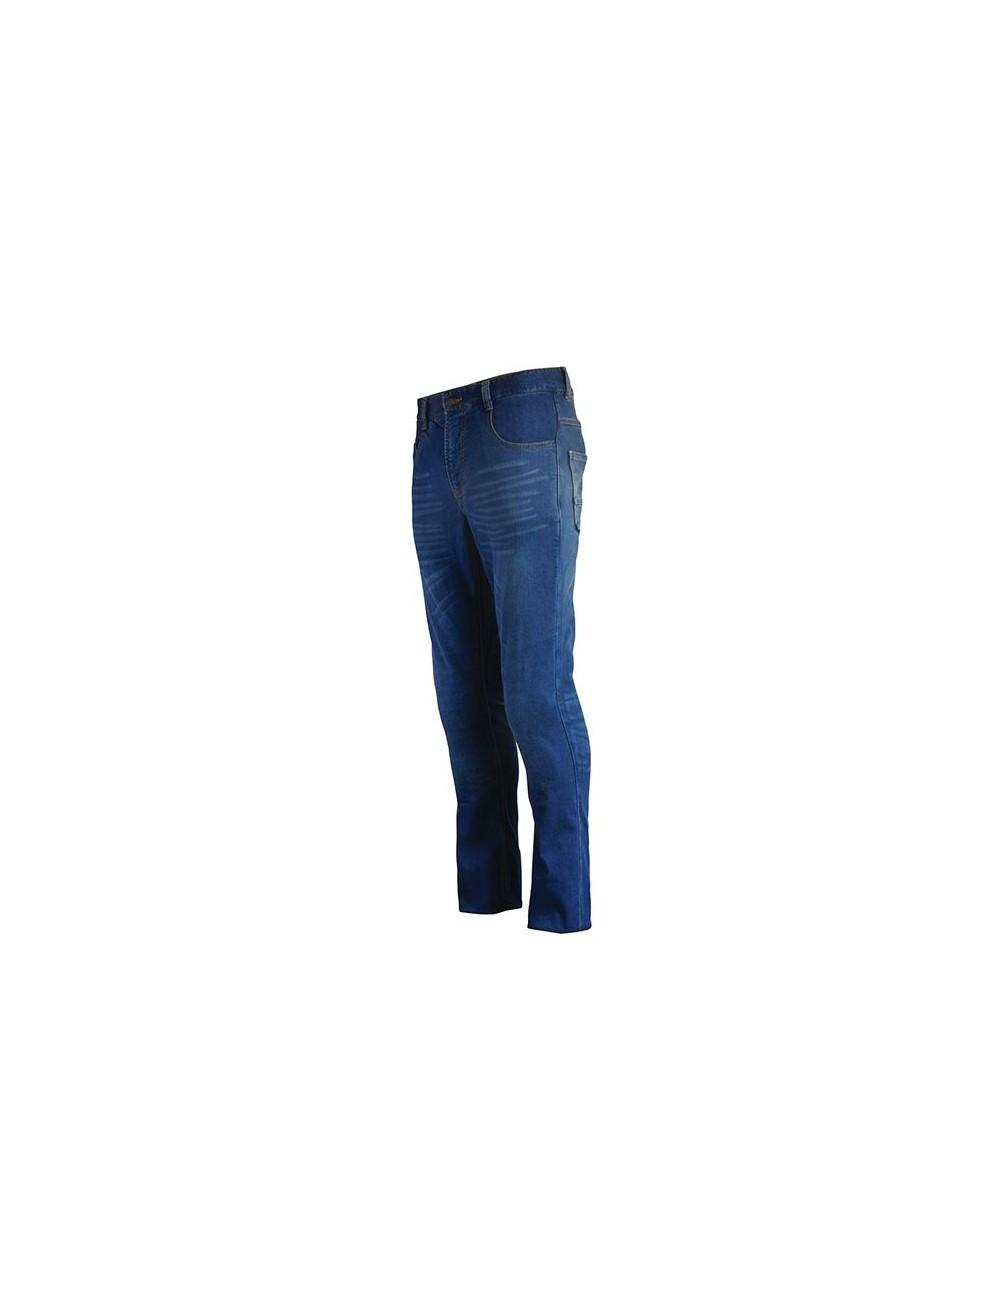 Jean Avec Coques de Protection S-Line Pantalon Jean Regular Homme - Protections CE - Bleu - Taille 40/42 34US